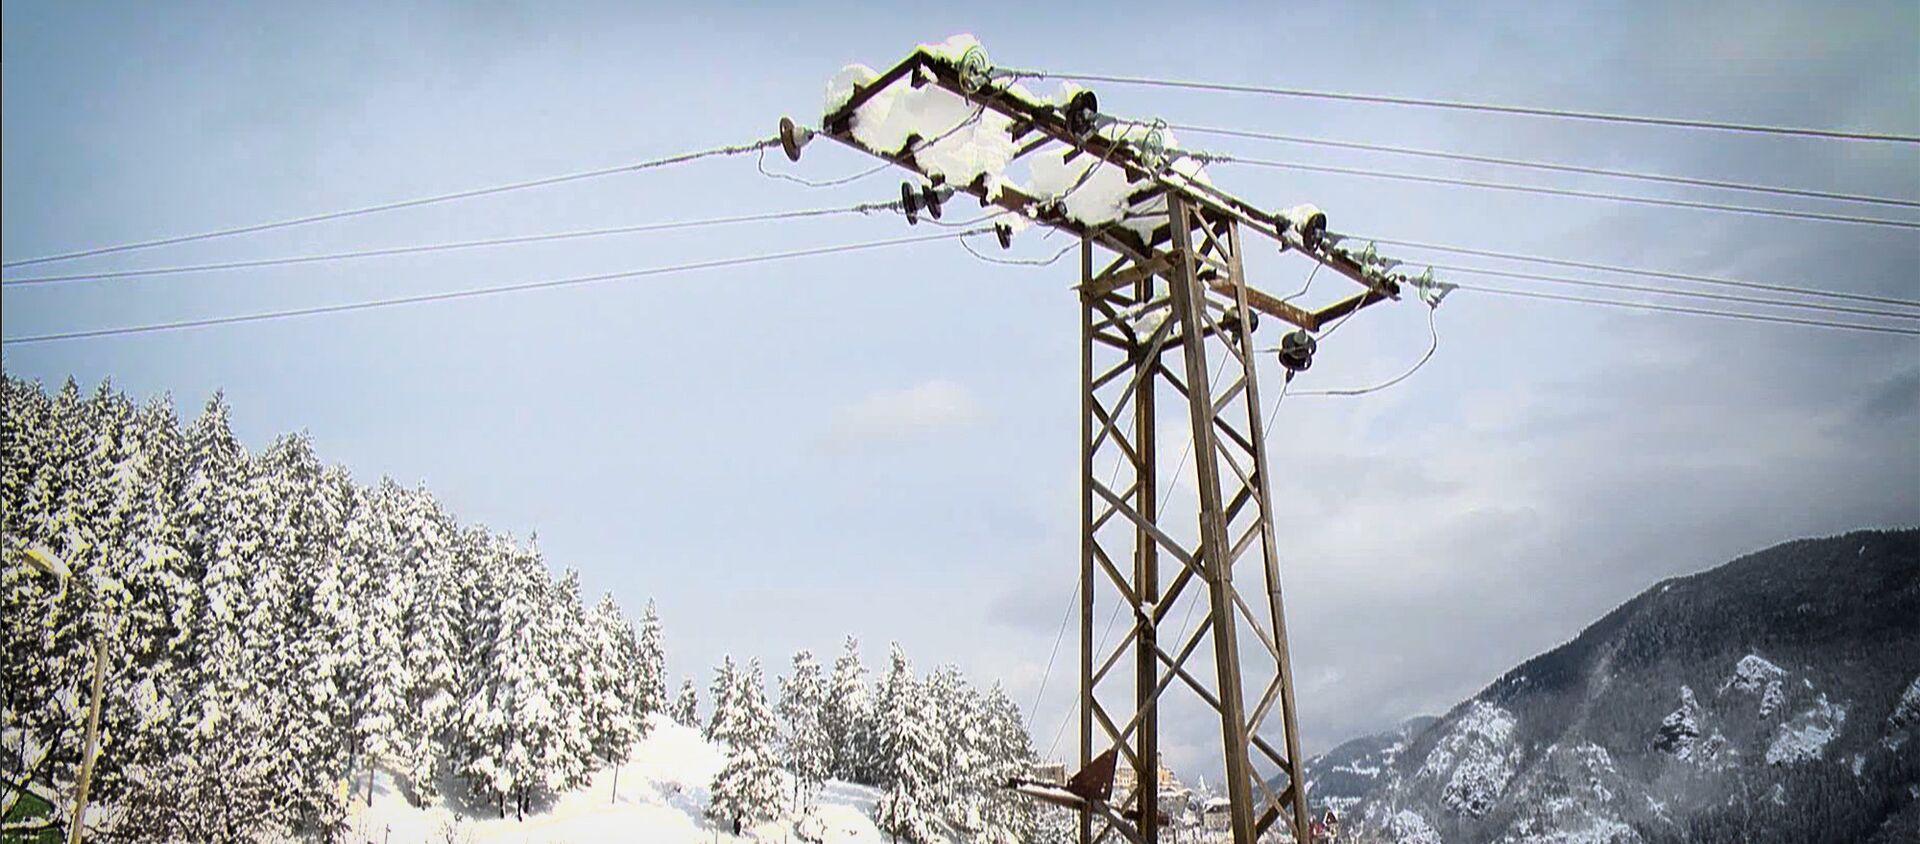 Высоковольтная линия электропередач зимой в высокогорном Хулойском районе Аджарии - Sputnik Грузия, 1920, 17.02.2021